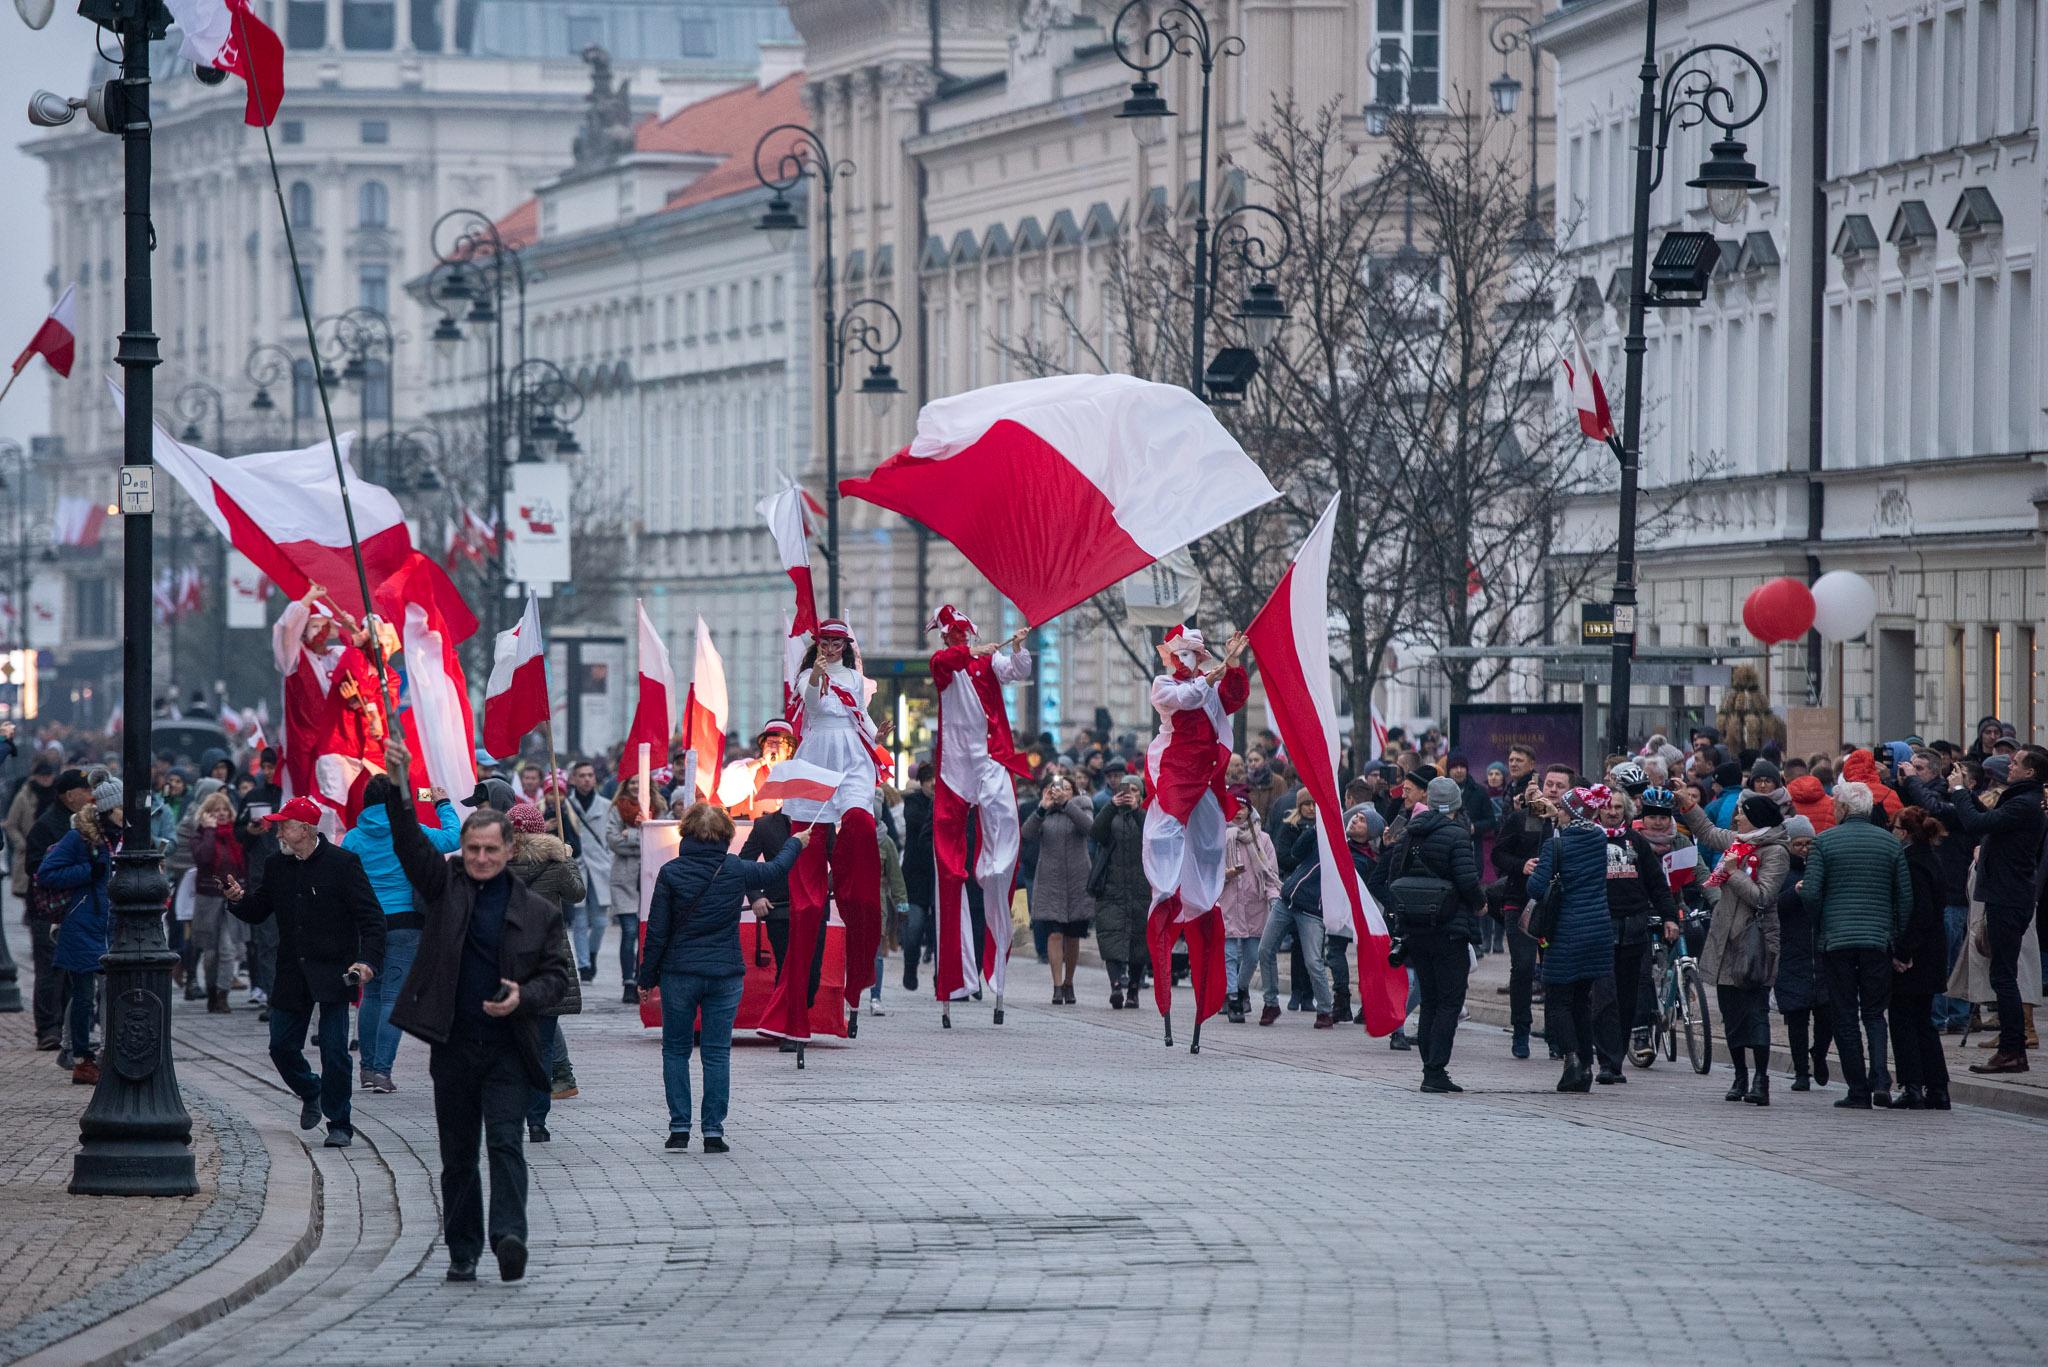 артисты на ходулях, марширующие по улицам в бело-красных костюмах, вокруг толпа прохожих, наблюдающих за представлением